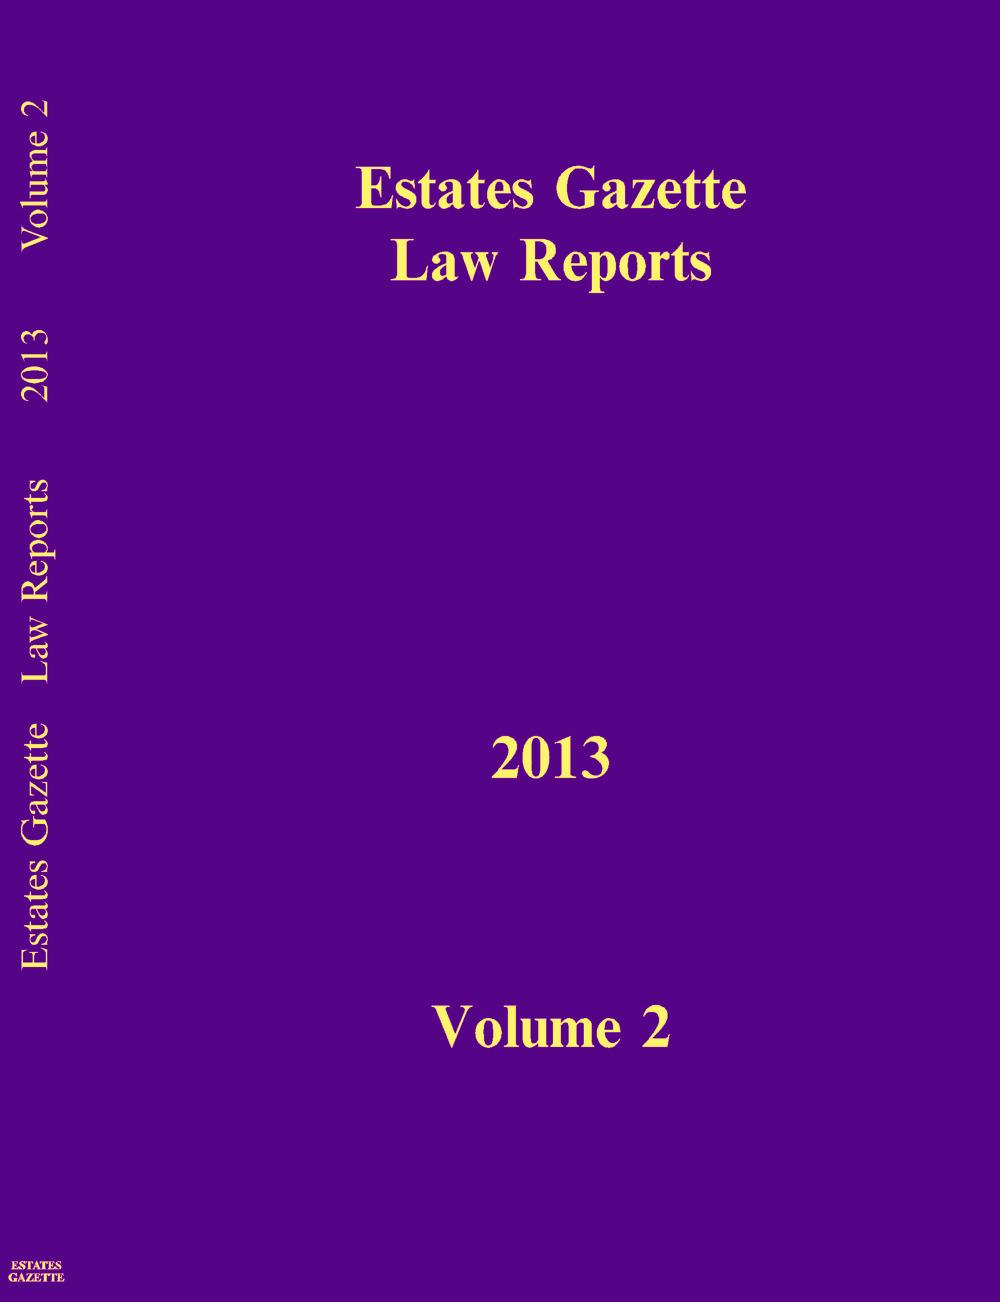 EGLR 2013 V2 book cover